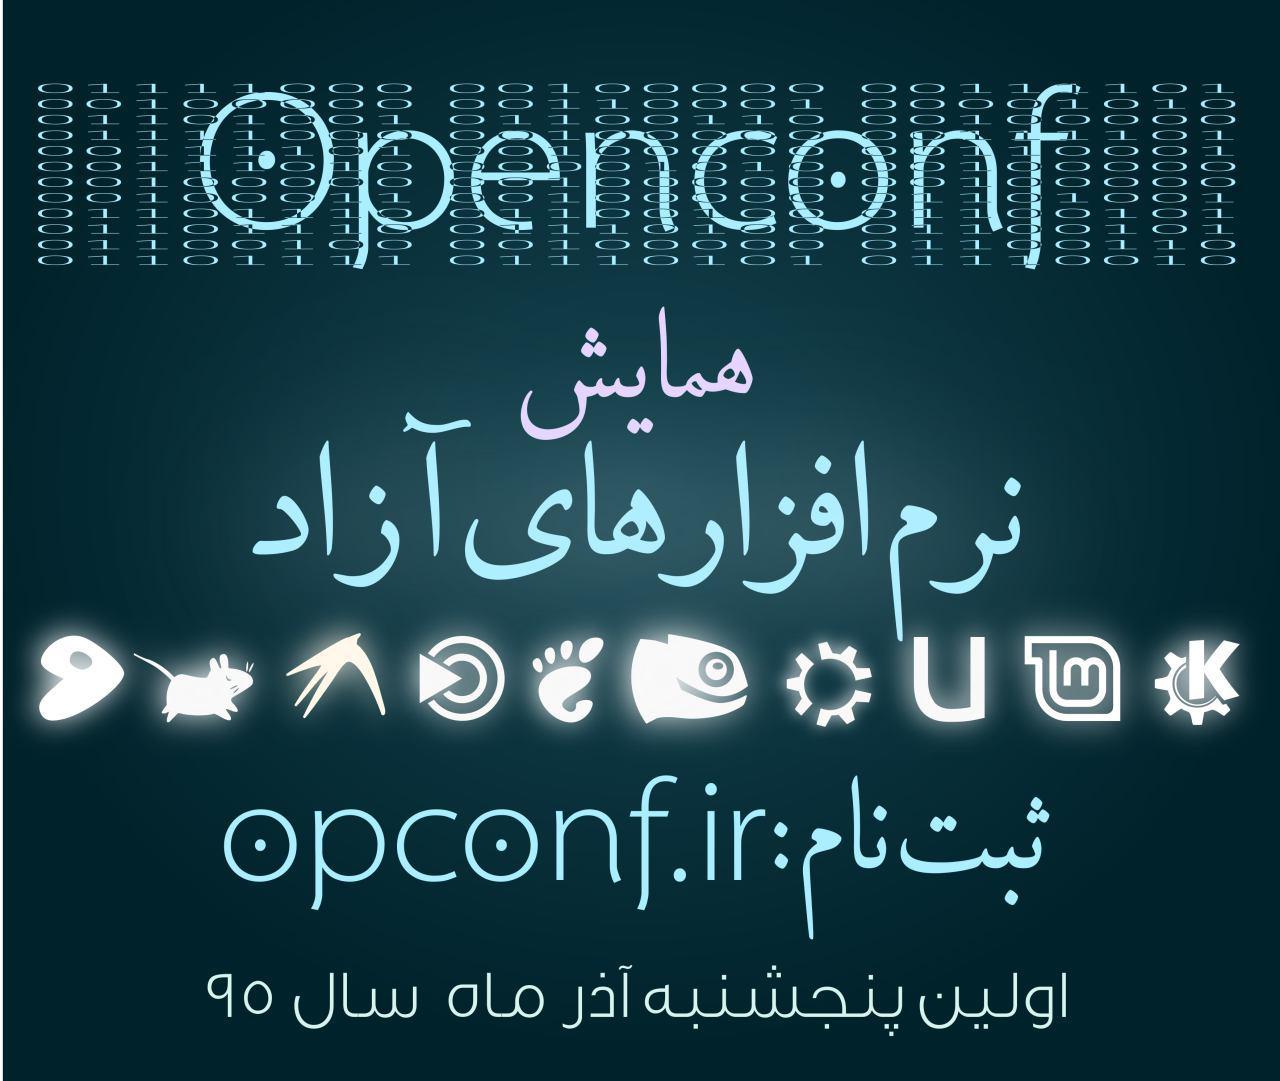 کنفرانس نرم افزار های آزاد